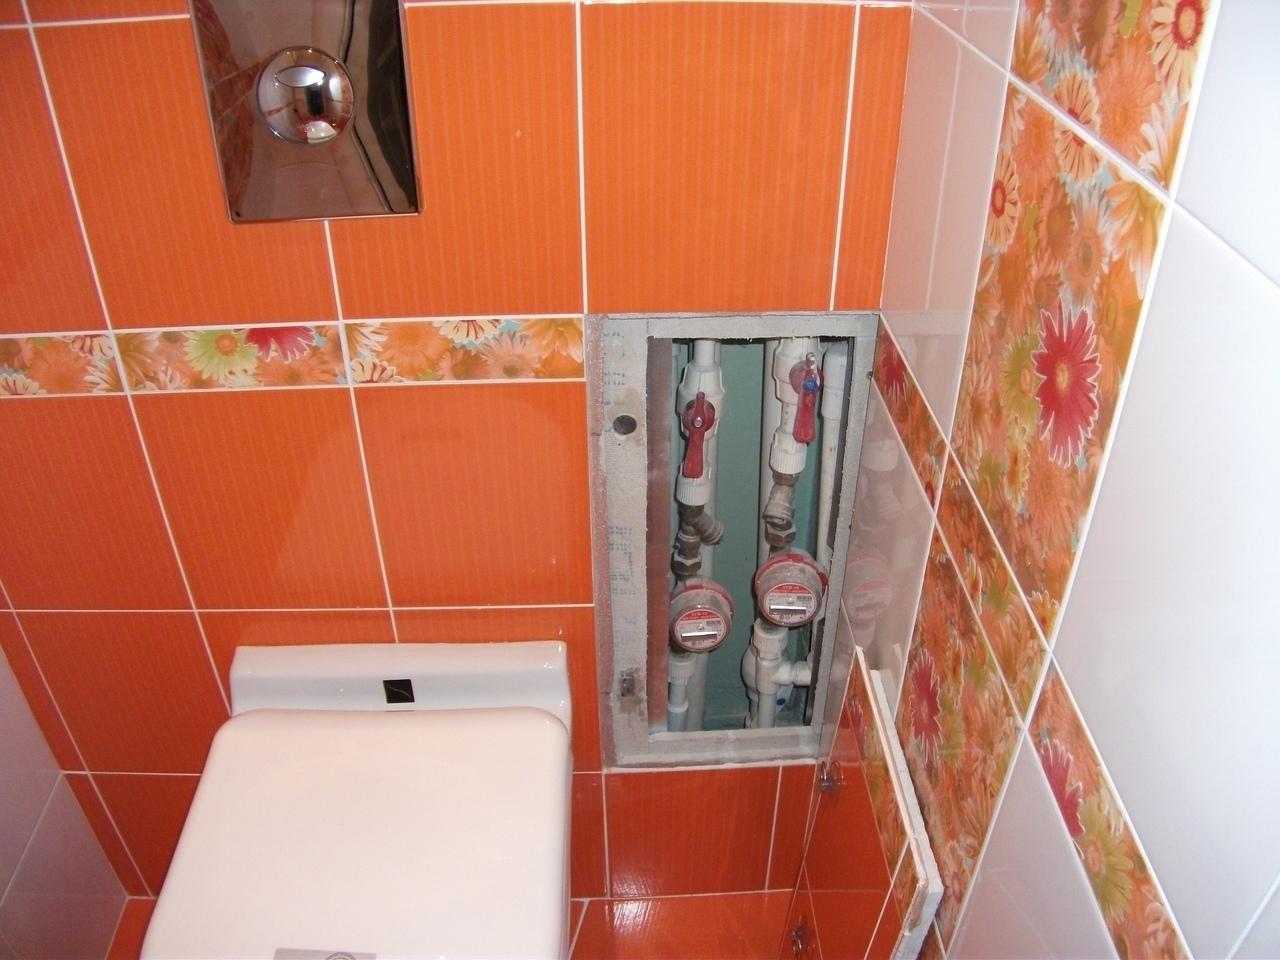 Ванная комната и санузел - яркое оранжевое настроение